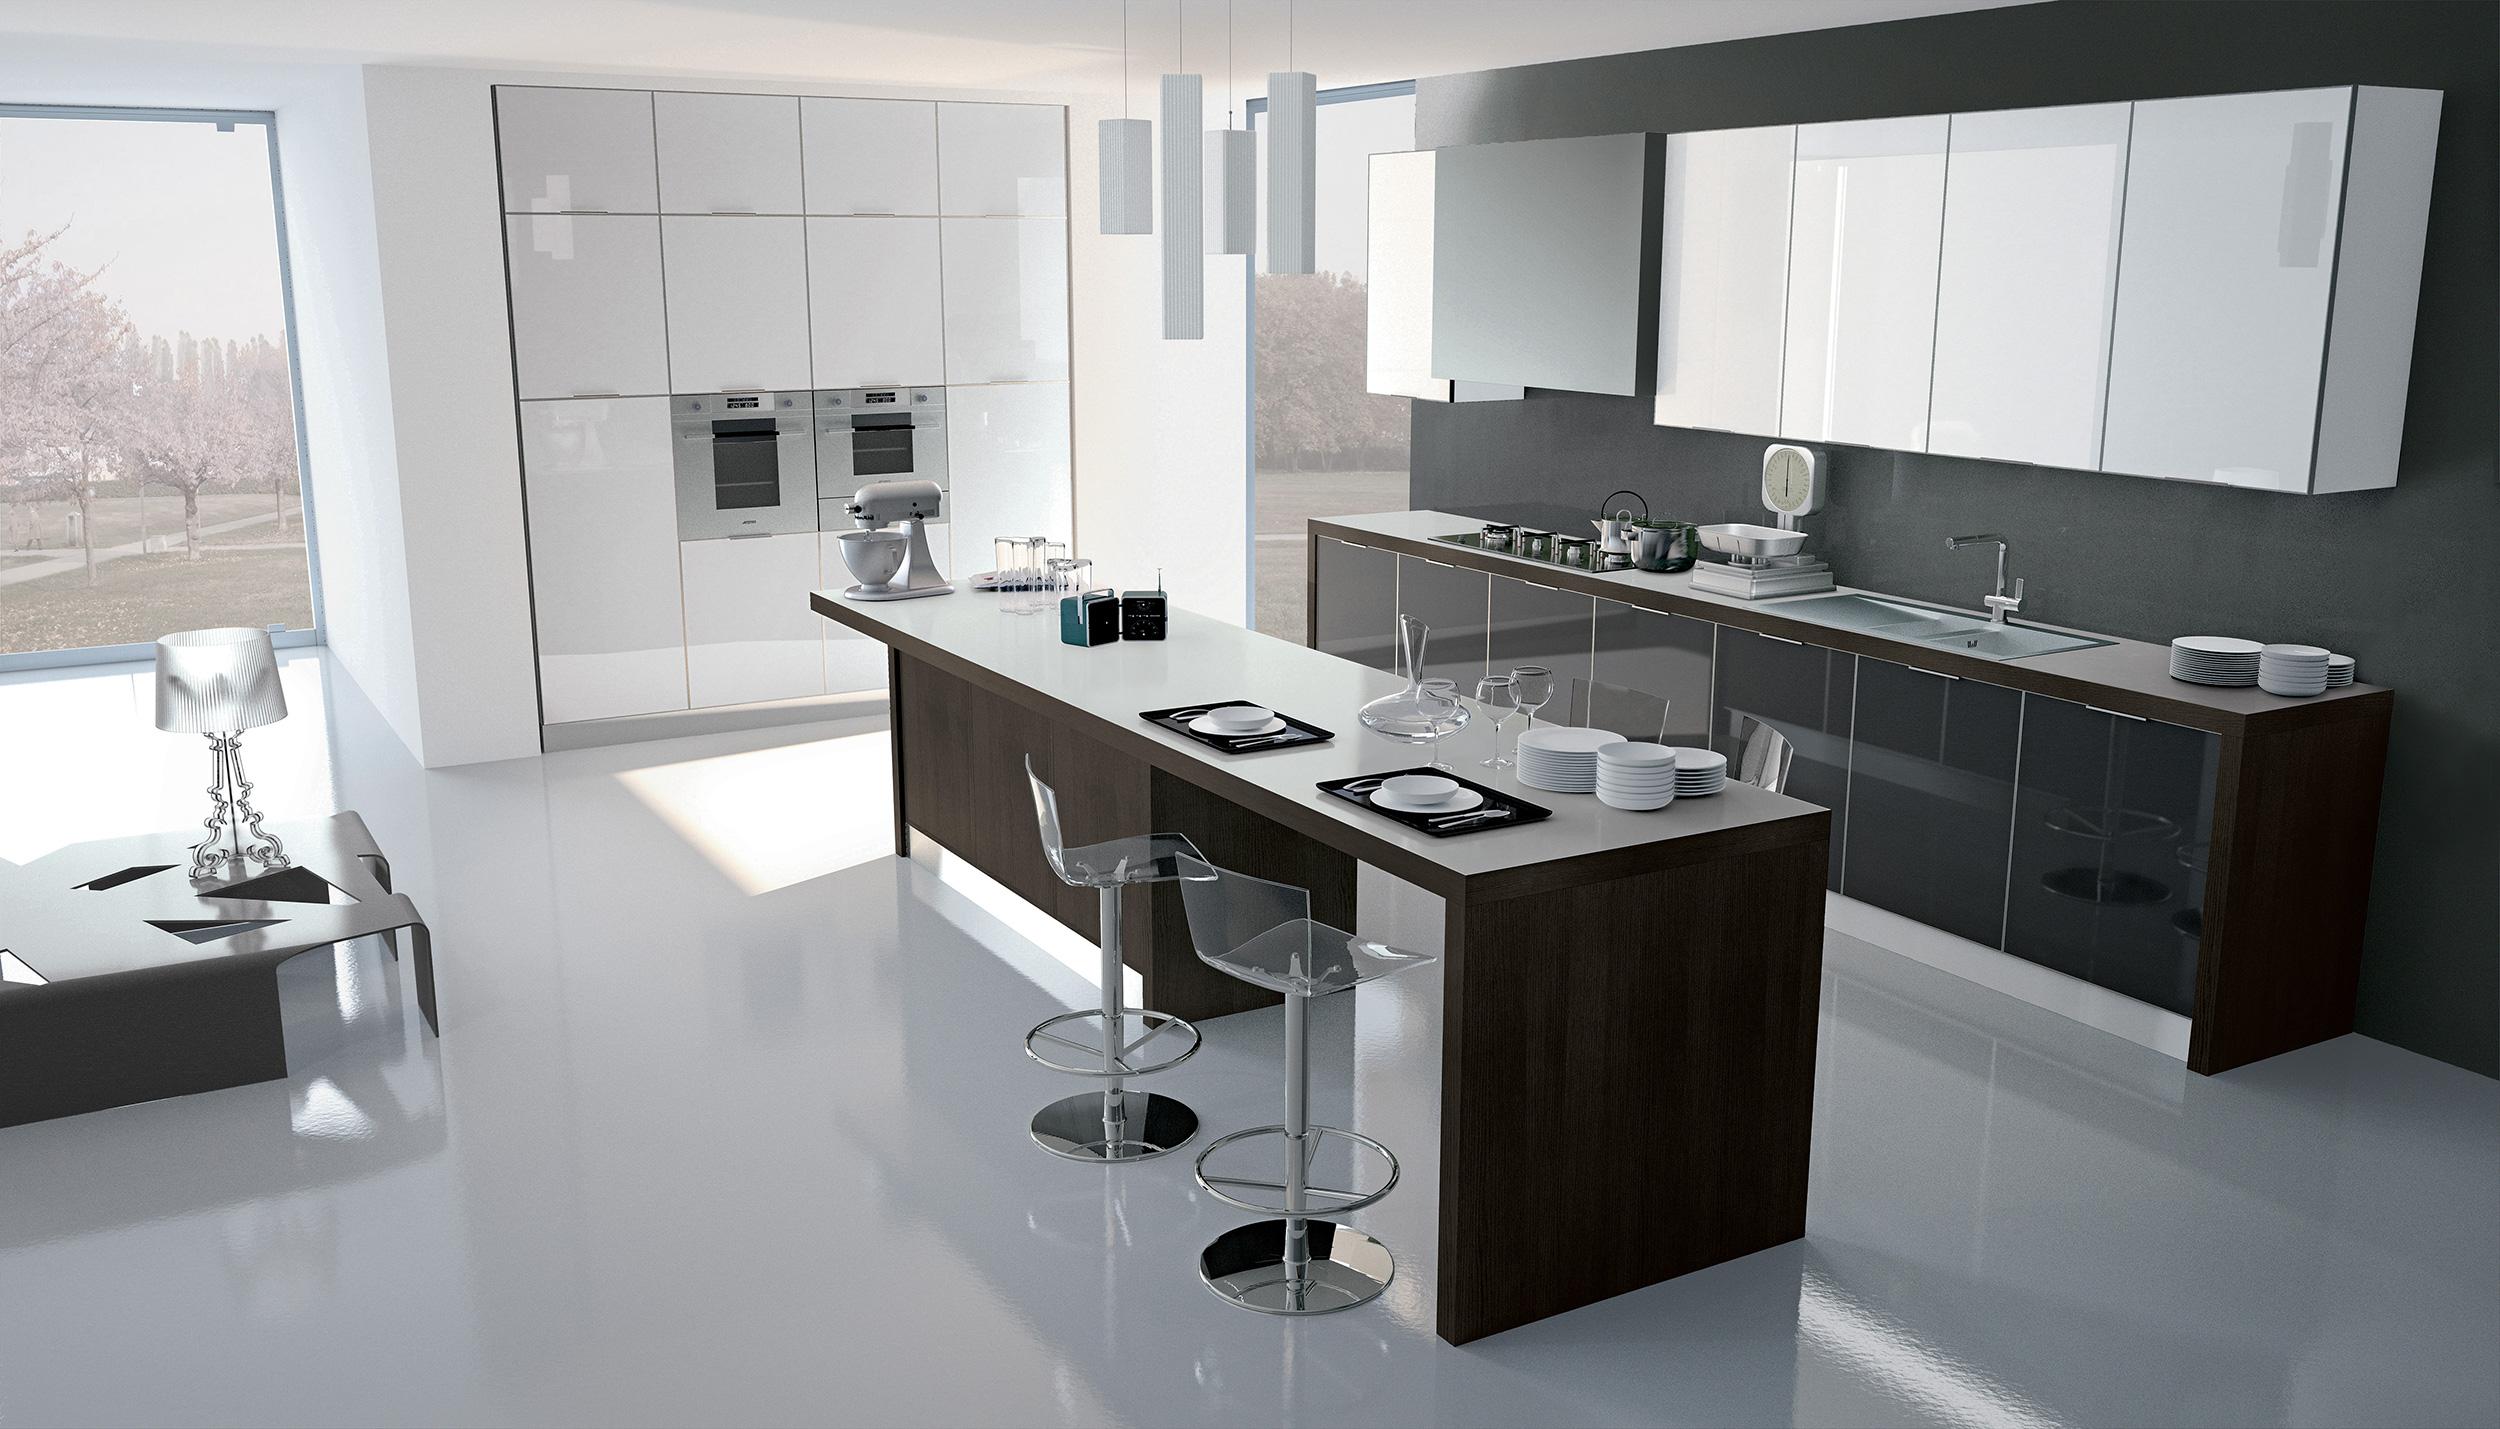 Cucina Bianca E Nera imac arredamenti - showroom di arredamento e cucine